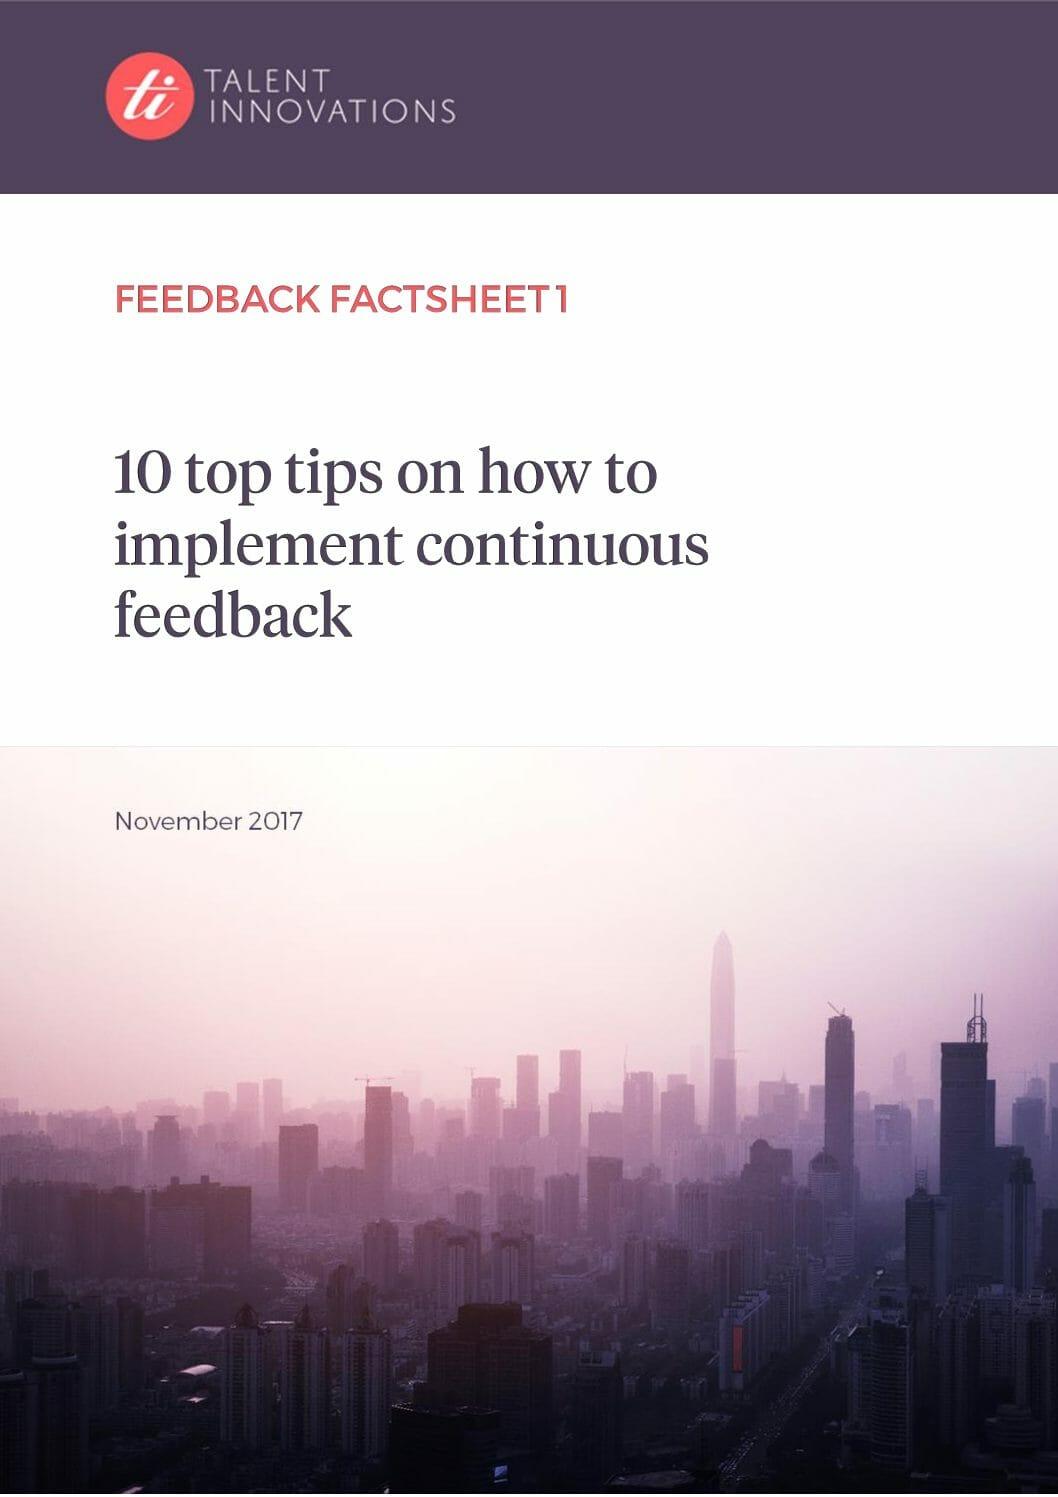 Feedback Factsheet 1